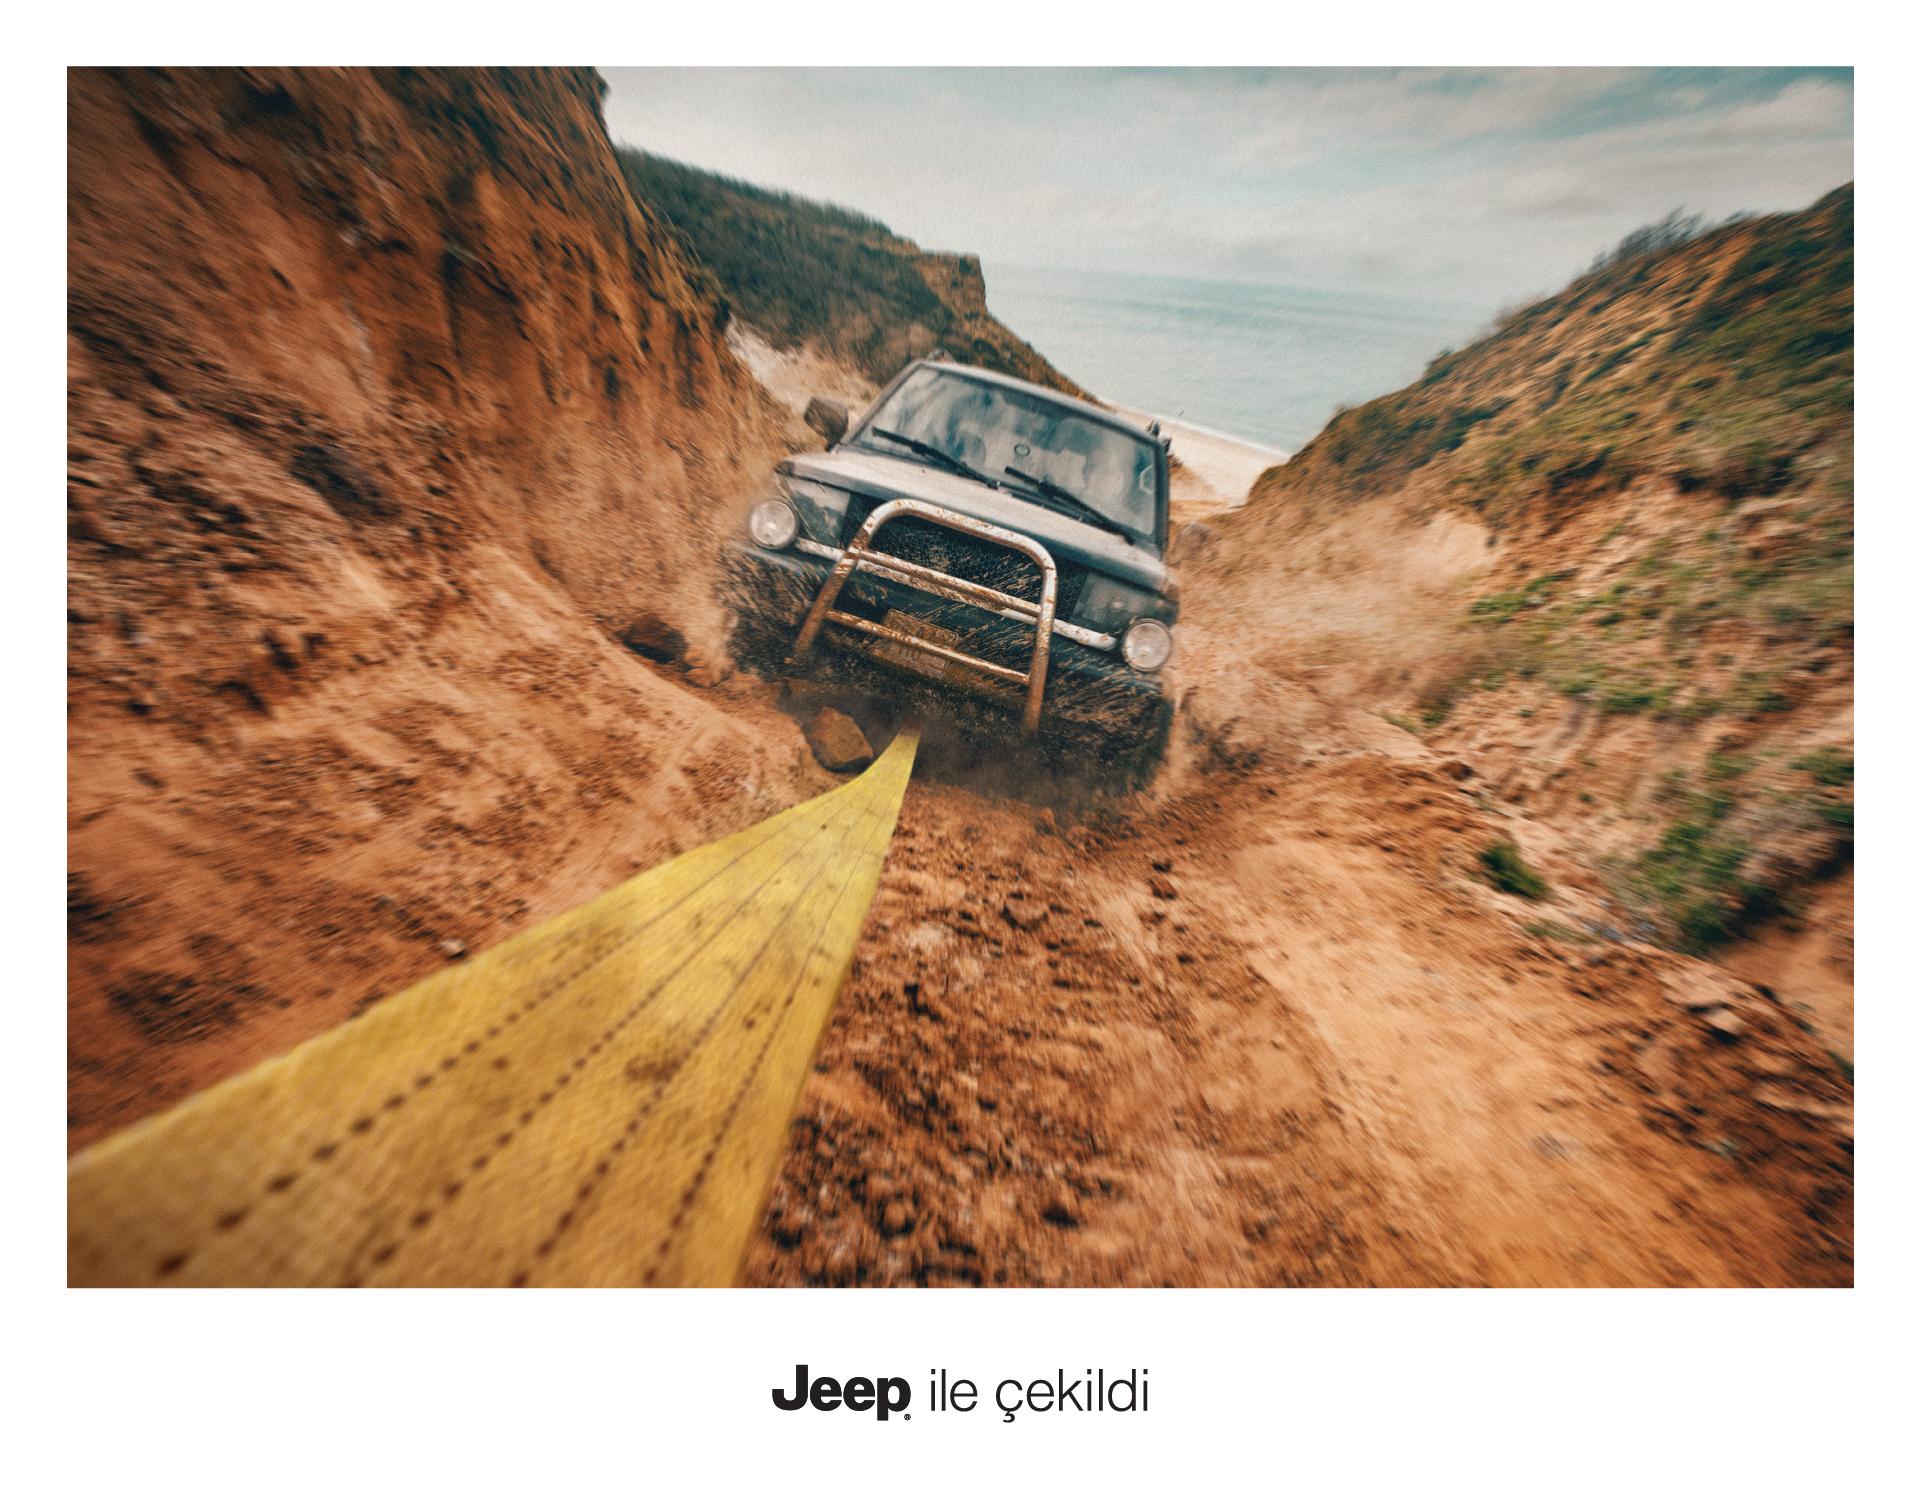 Jeep_ile_çekildi-02.jpg